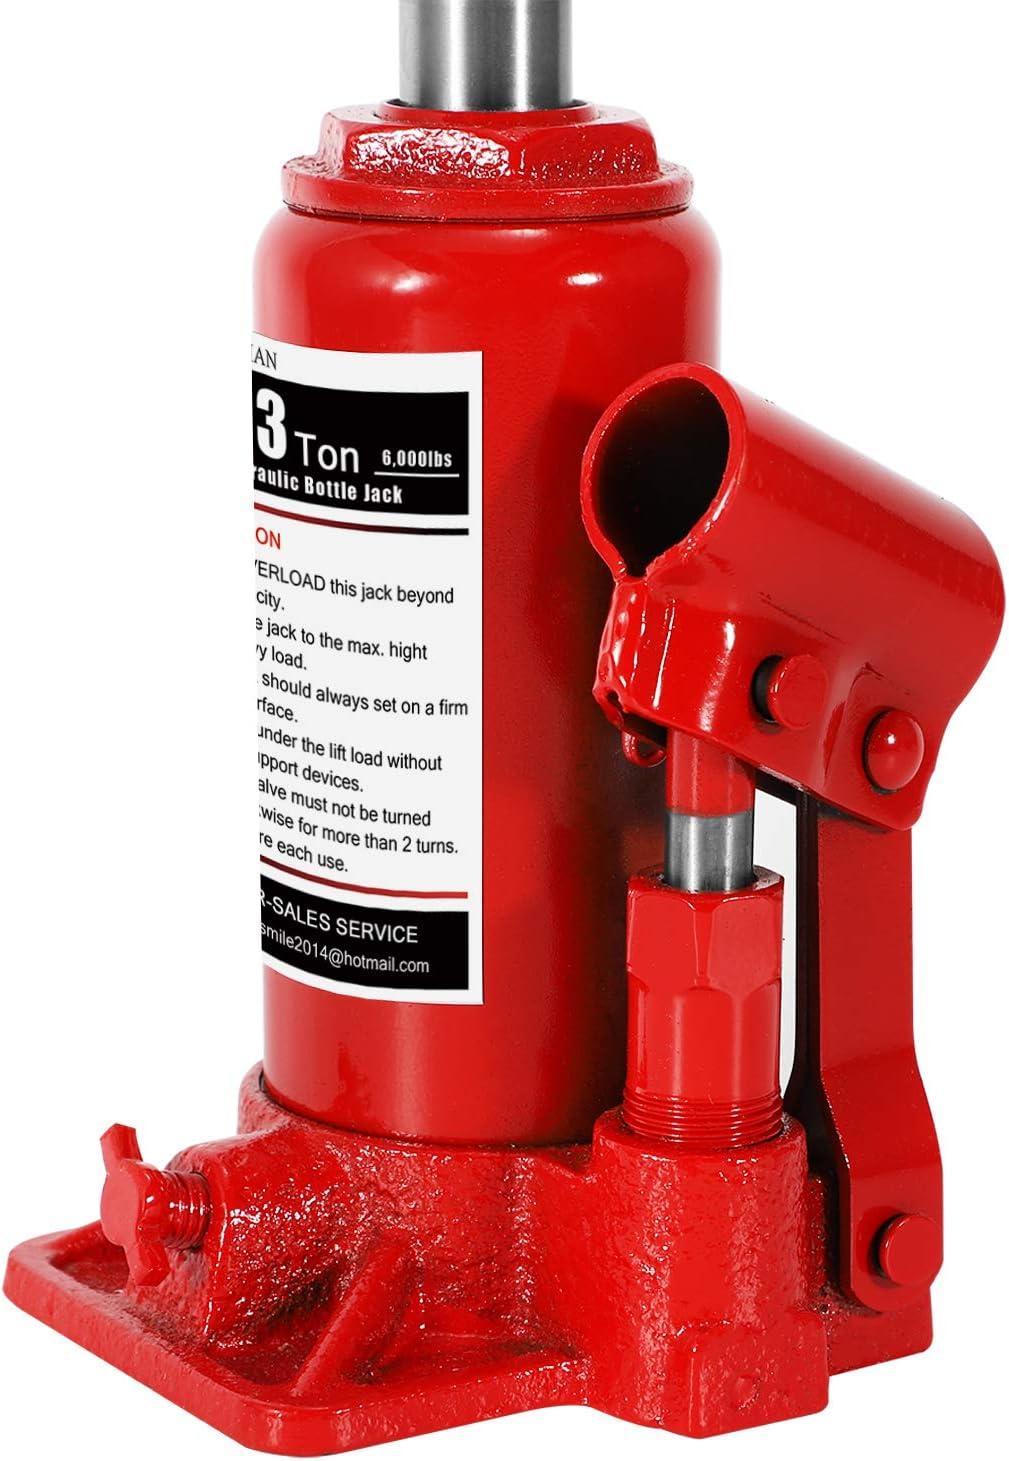 BAOSHISHAN 3 Ton Double Ram Bottle Jack 6-1//2 to 16-1//2 Lifting Range Portable Hydraulic Bottle Jack with Carrying Case